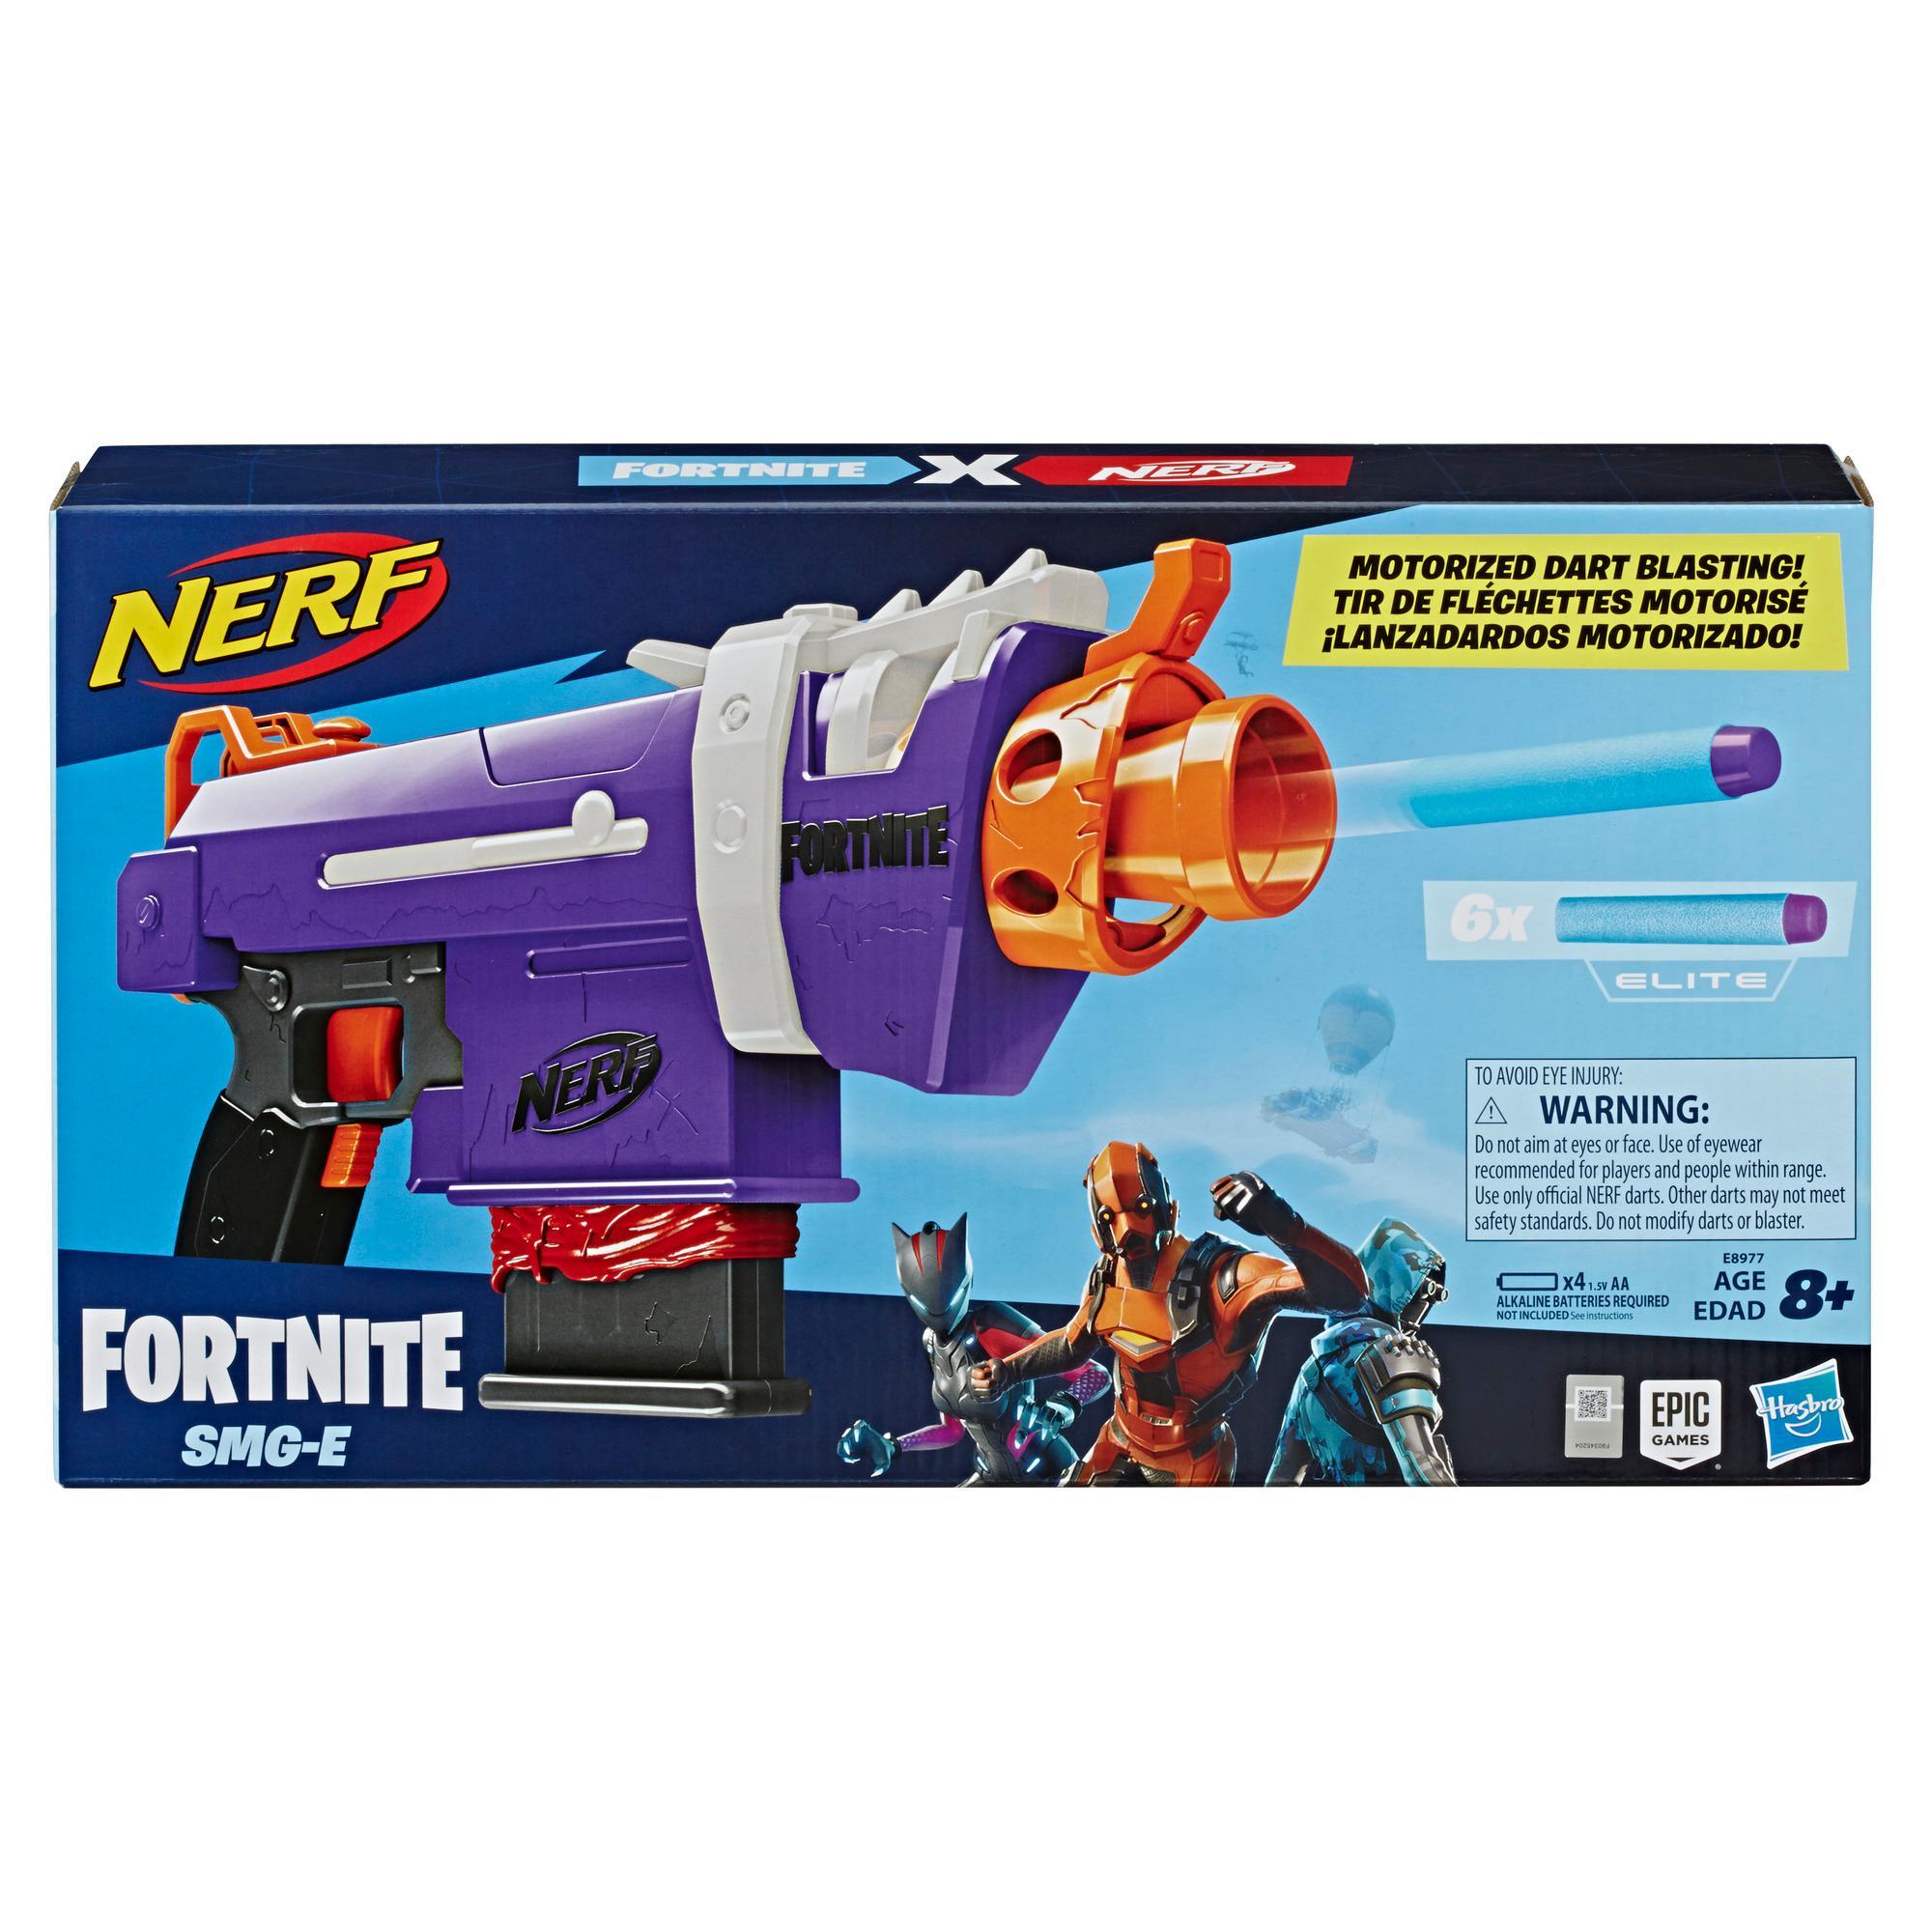 Blaster motorisé Nerf Fortnite SMG-E avec chargeur, 6 fléchettes Nerf Elite officielles, pour jeunes, ados et adultes